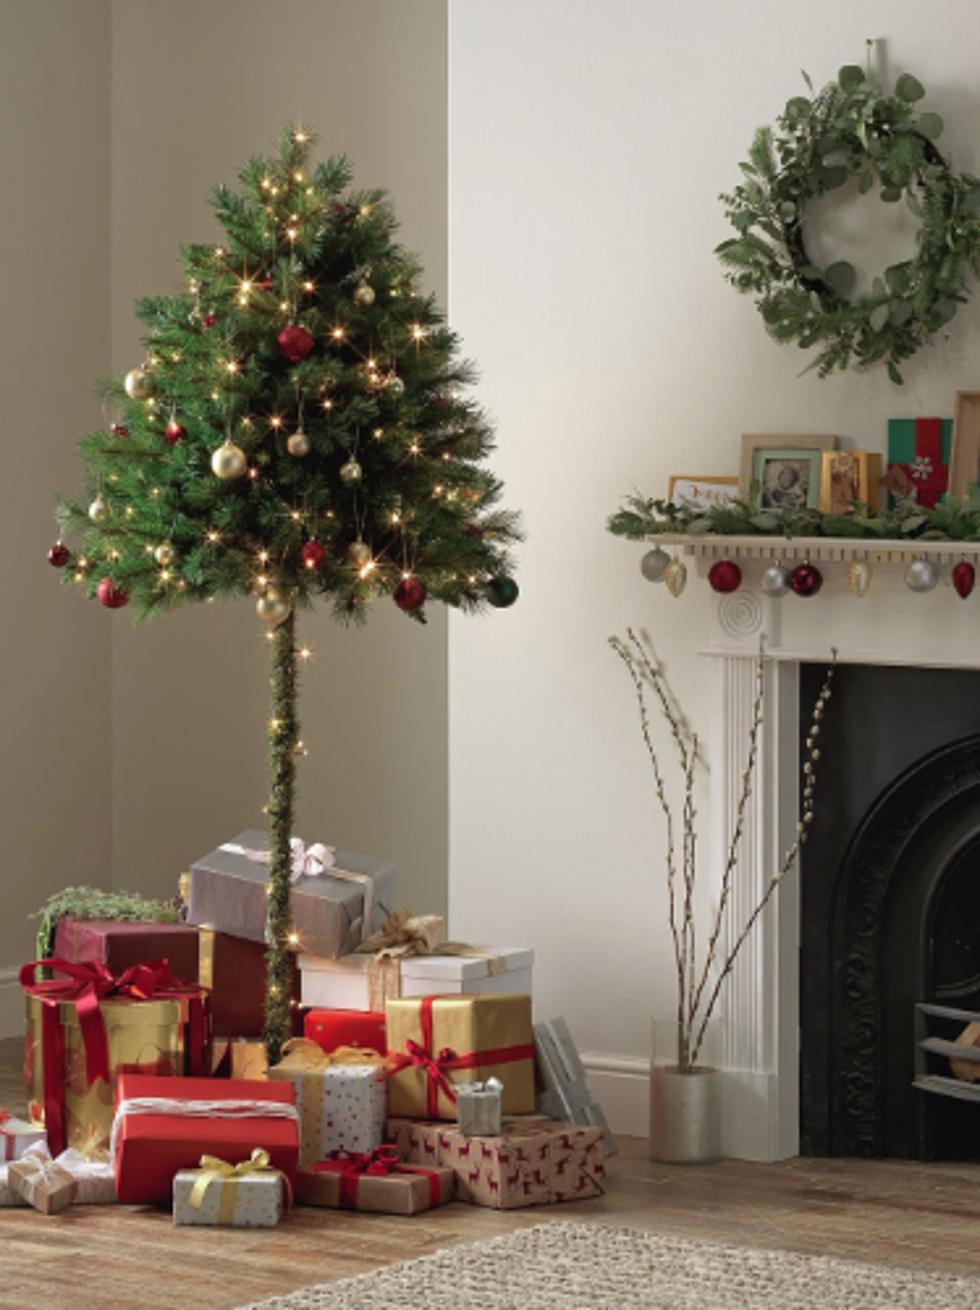 A Company Has Created A Pet Proof Christmas Tree Photo